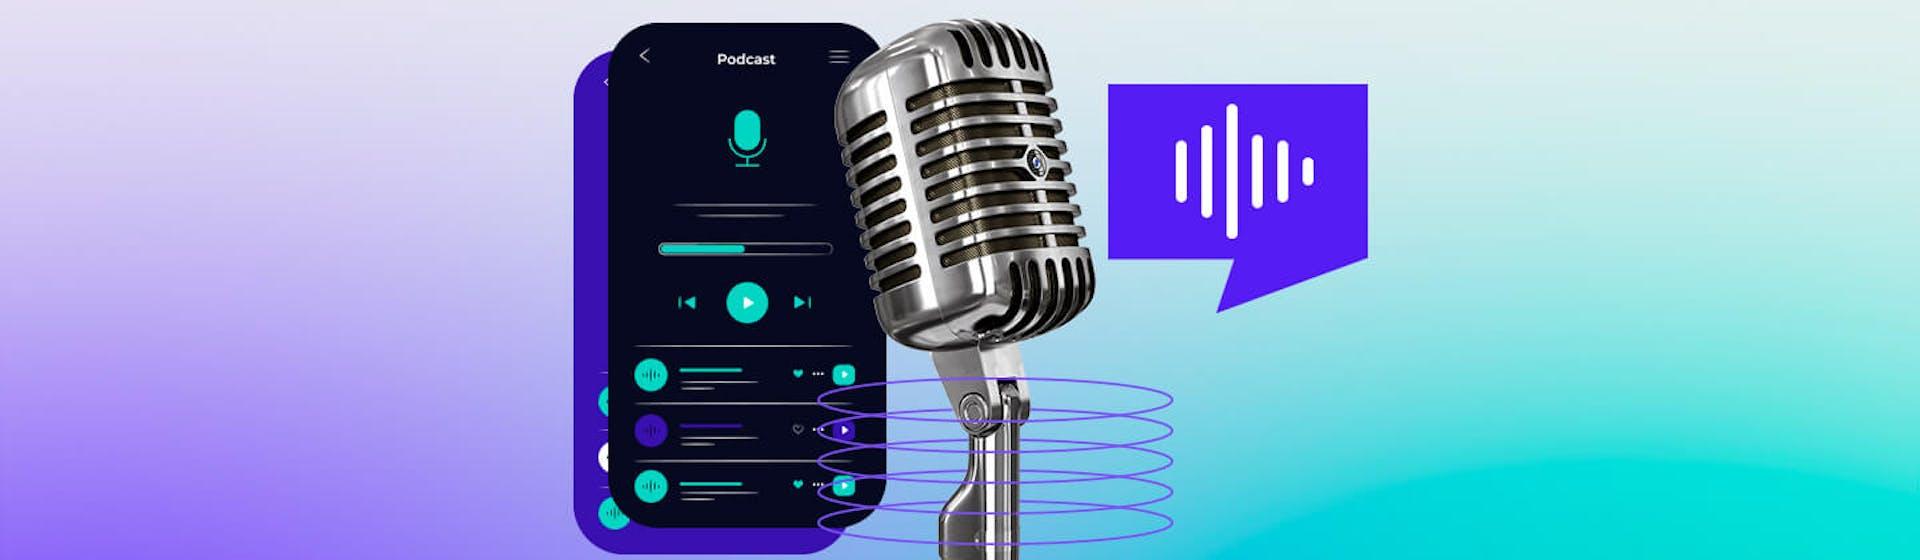 ¿Buscas un equipo para podcast? Estos son los dispositivos esenciales para tus episodios